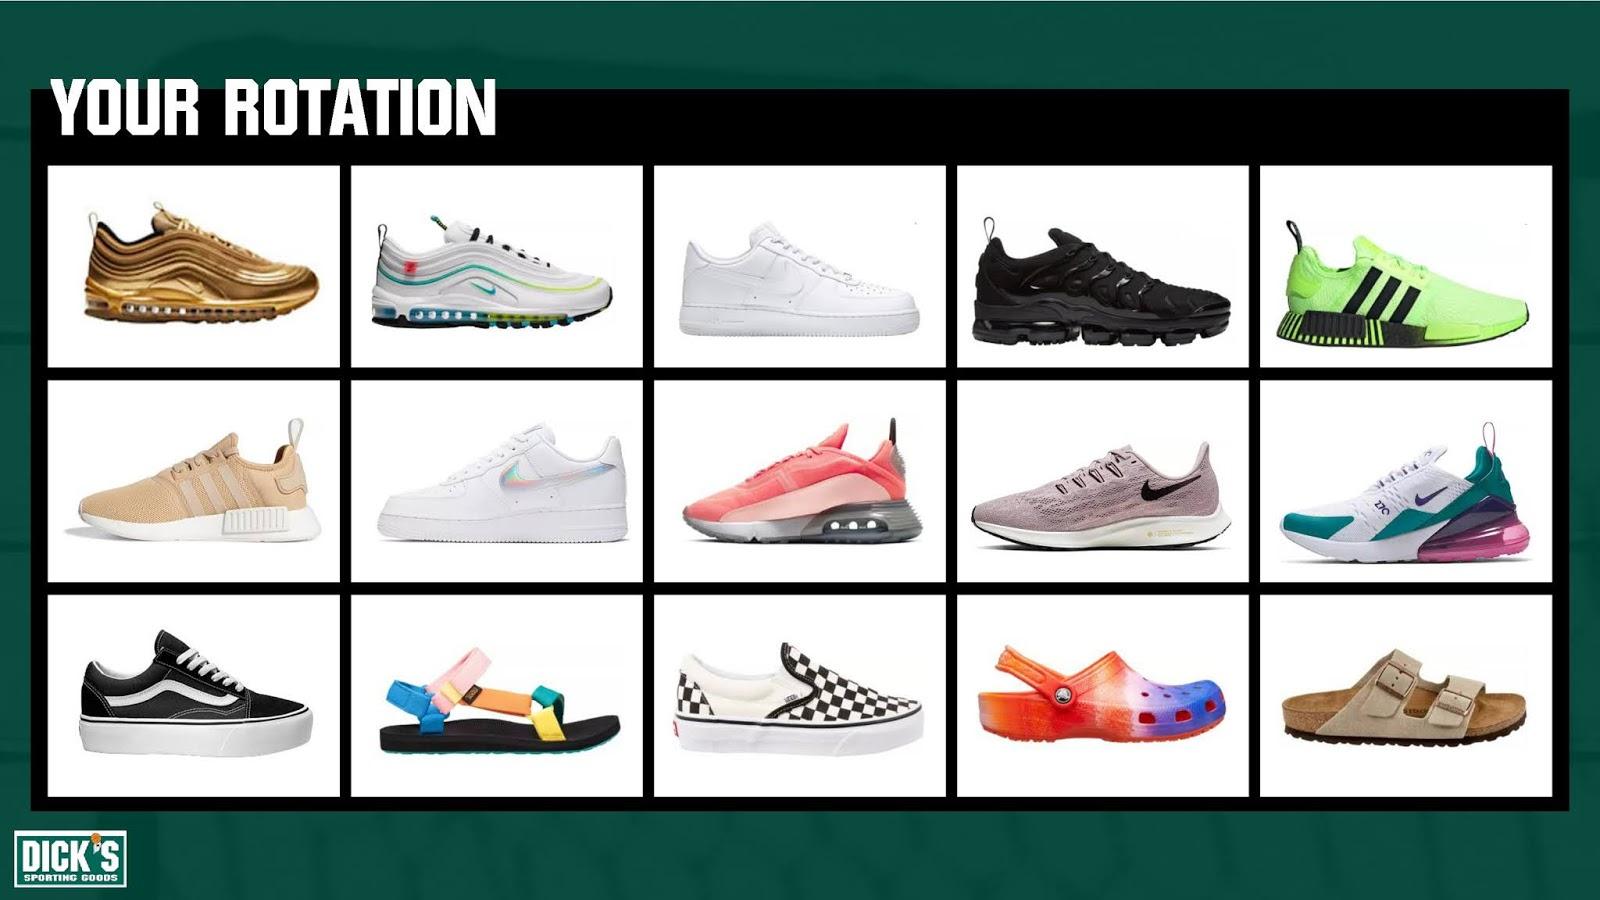 DICK'S Sporting Goods Footwear